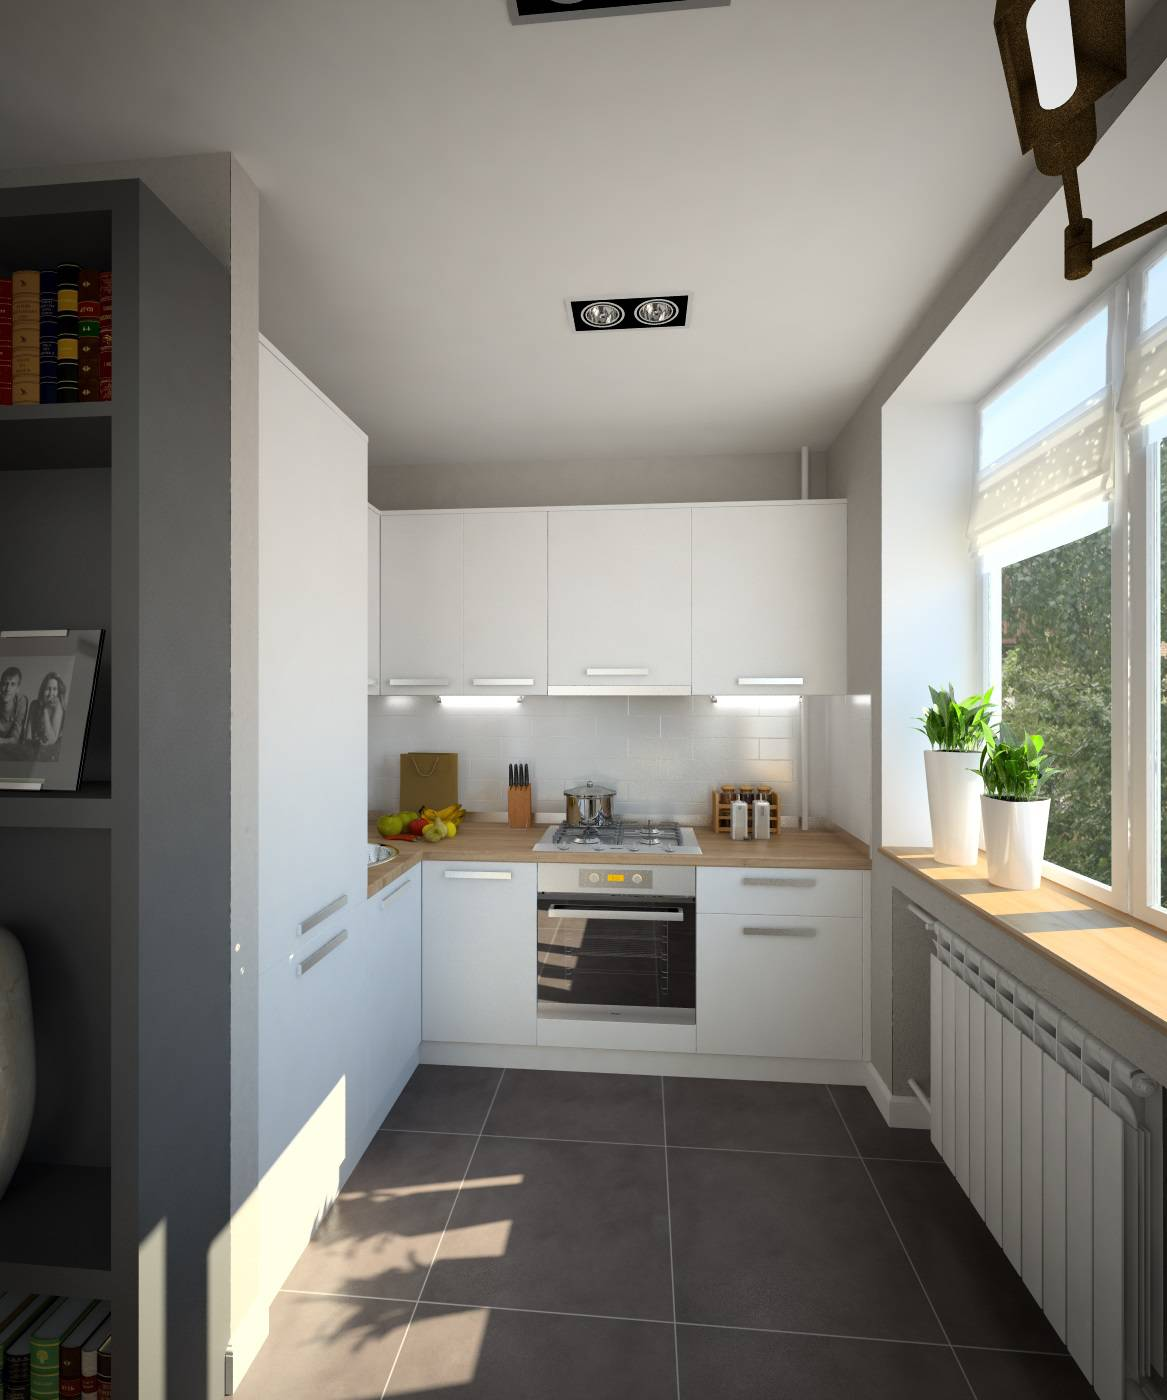 Красивый дизайн кухни в хрущевке: Кухня гостиная в хрущевке: объединяем два помещения и